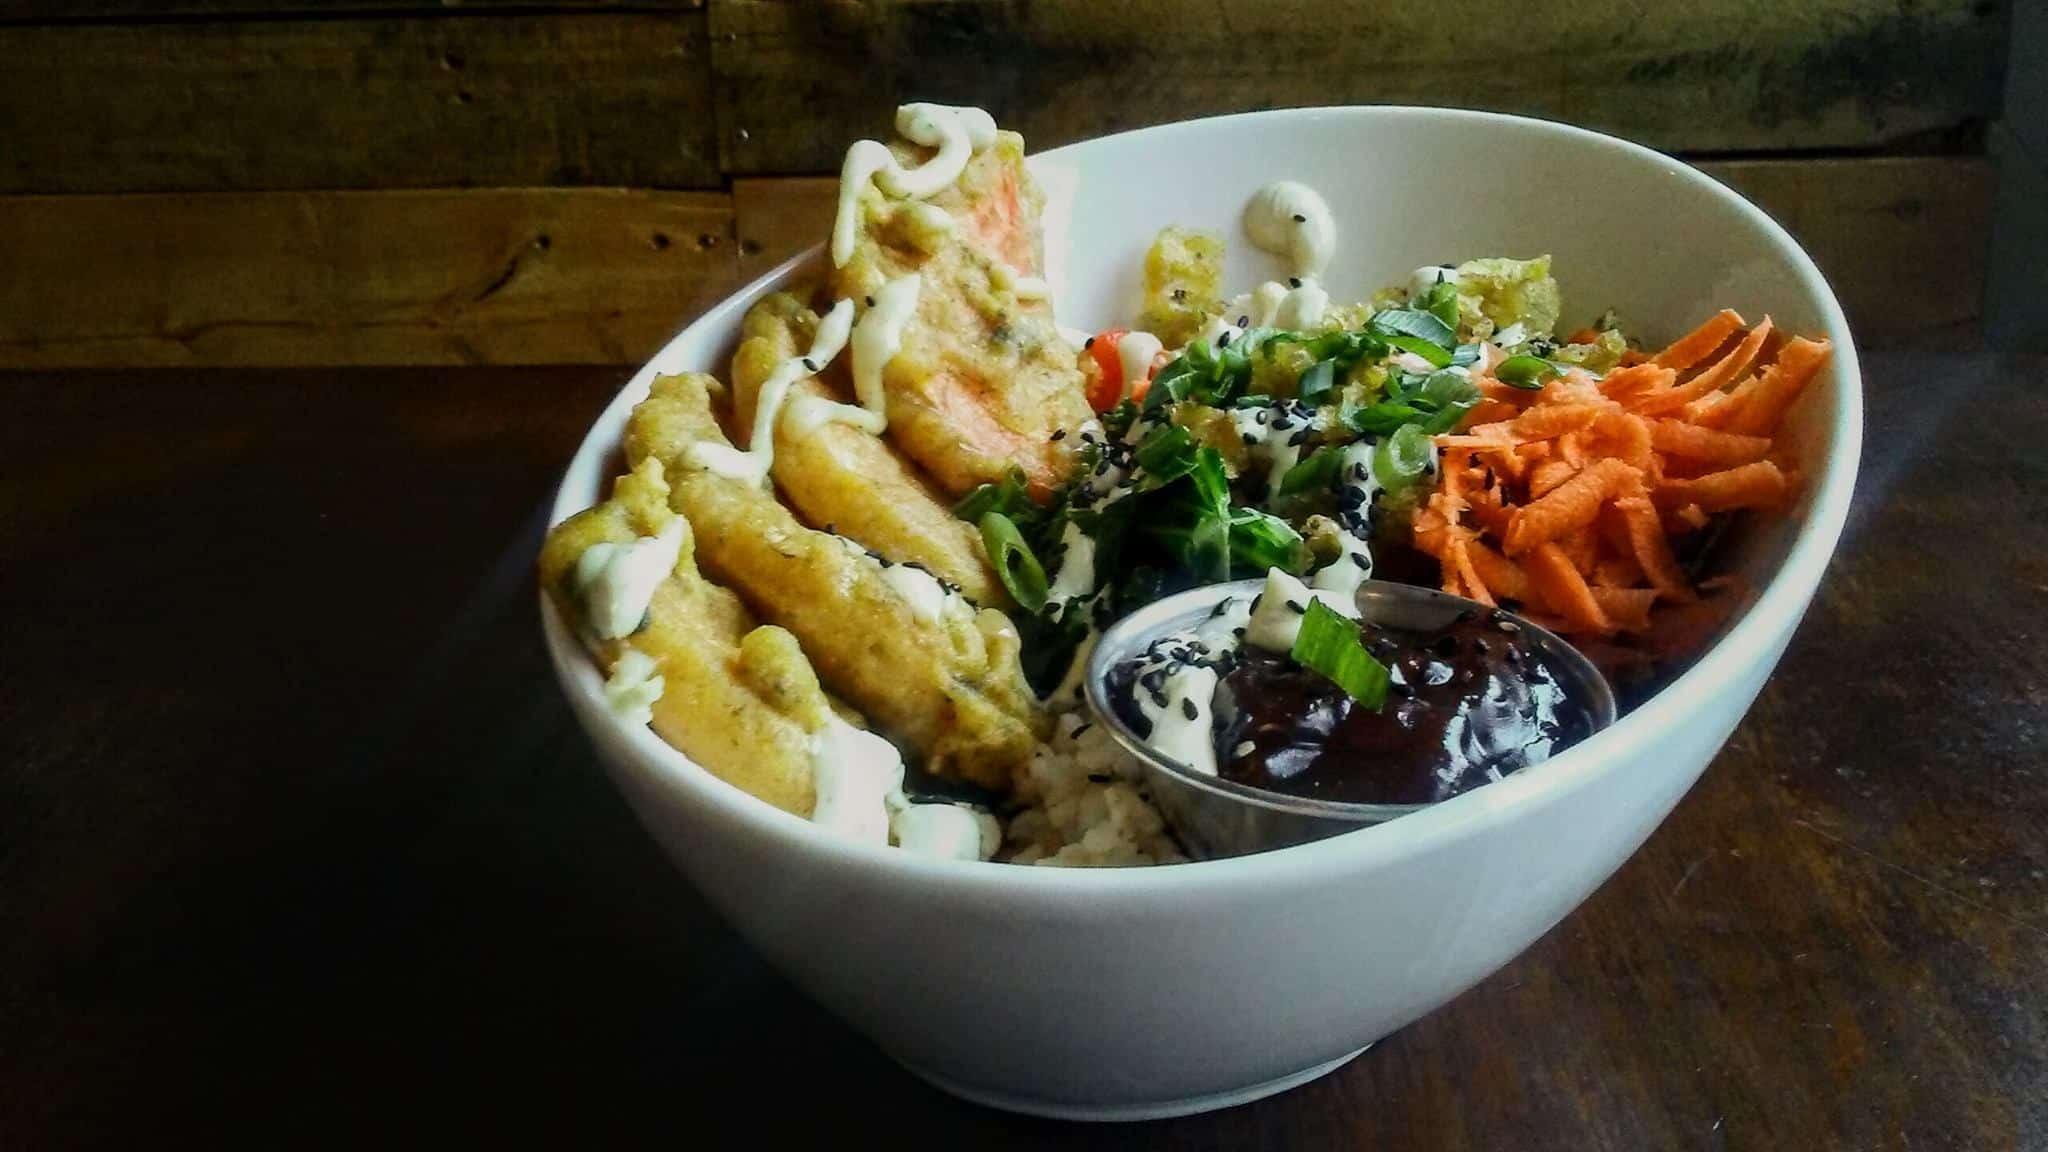 Best Vegan Restaurants in Canada 2020